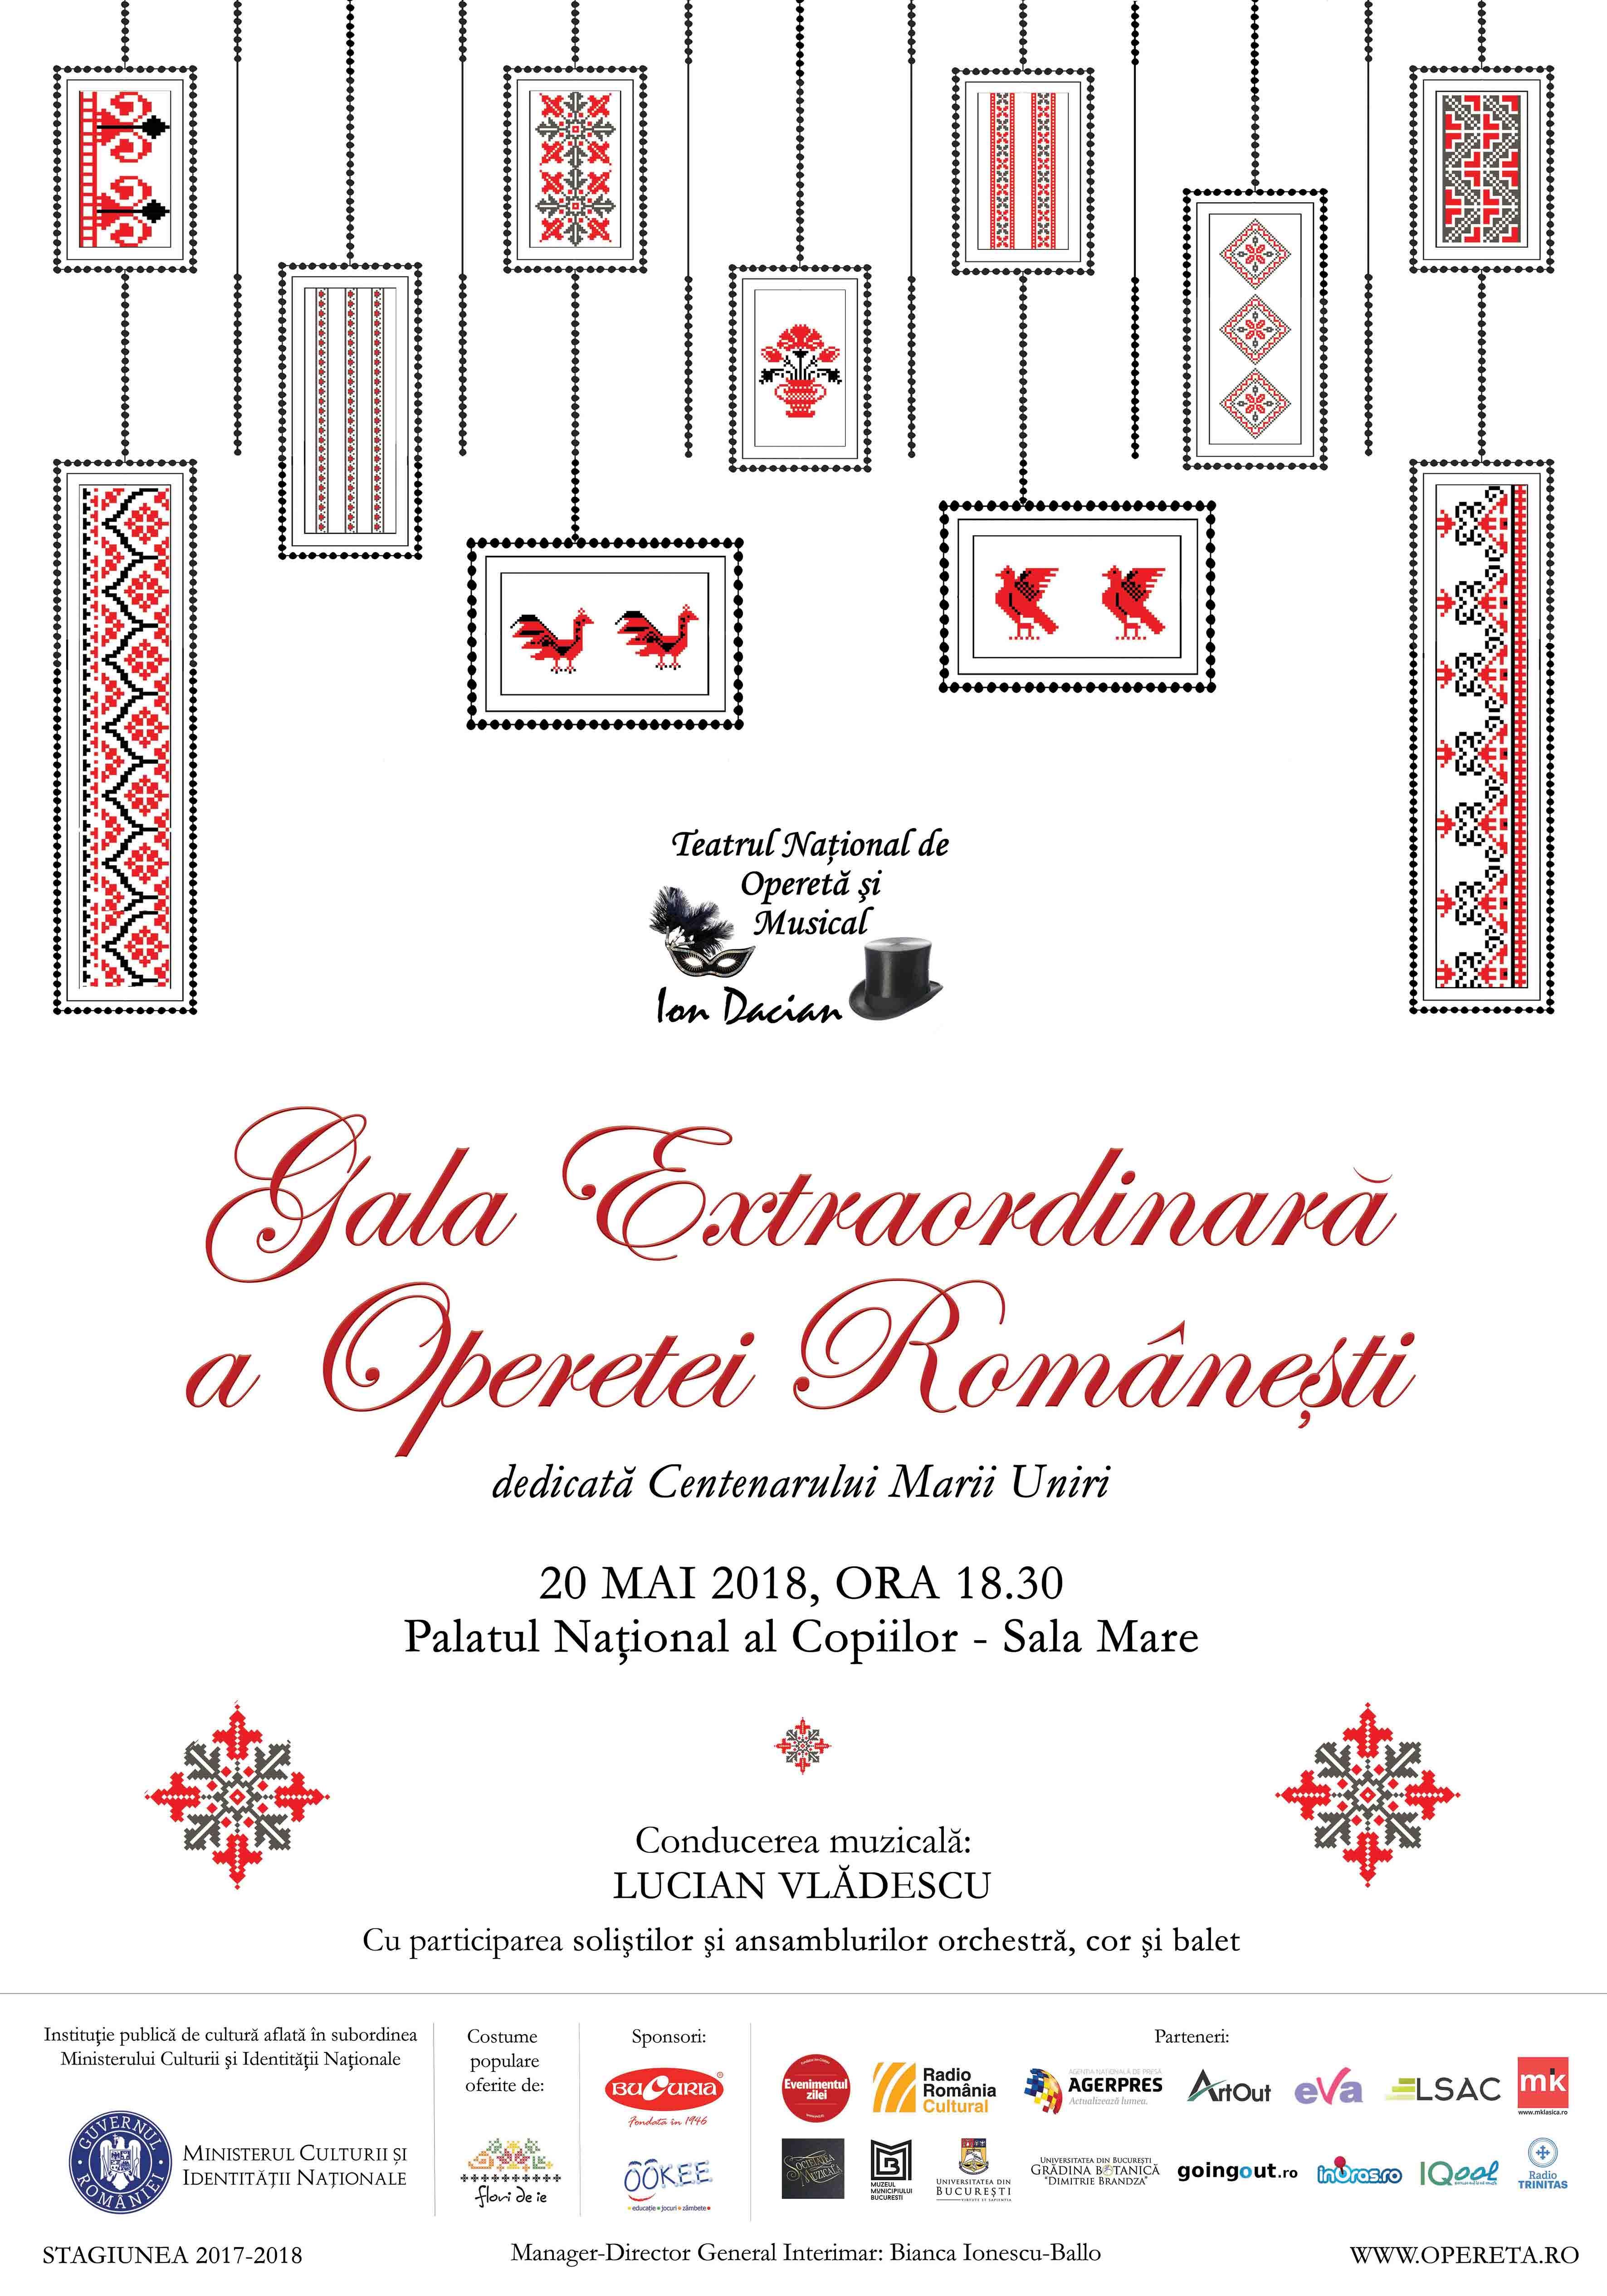 """{focus_keyword} """"Gala Extraordinară a Operetei Românești"""" - 20 mai, 18:30, Palatul Național al Copiilor – sala mare GALA OPERETEI ROMANESTI 1"""